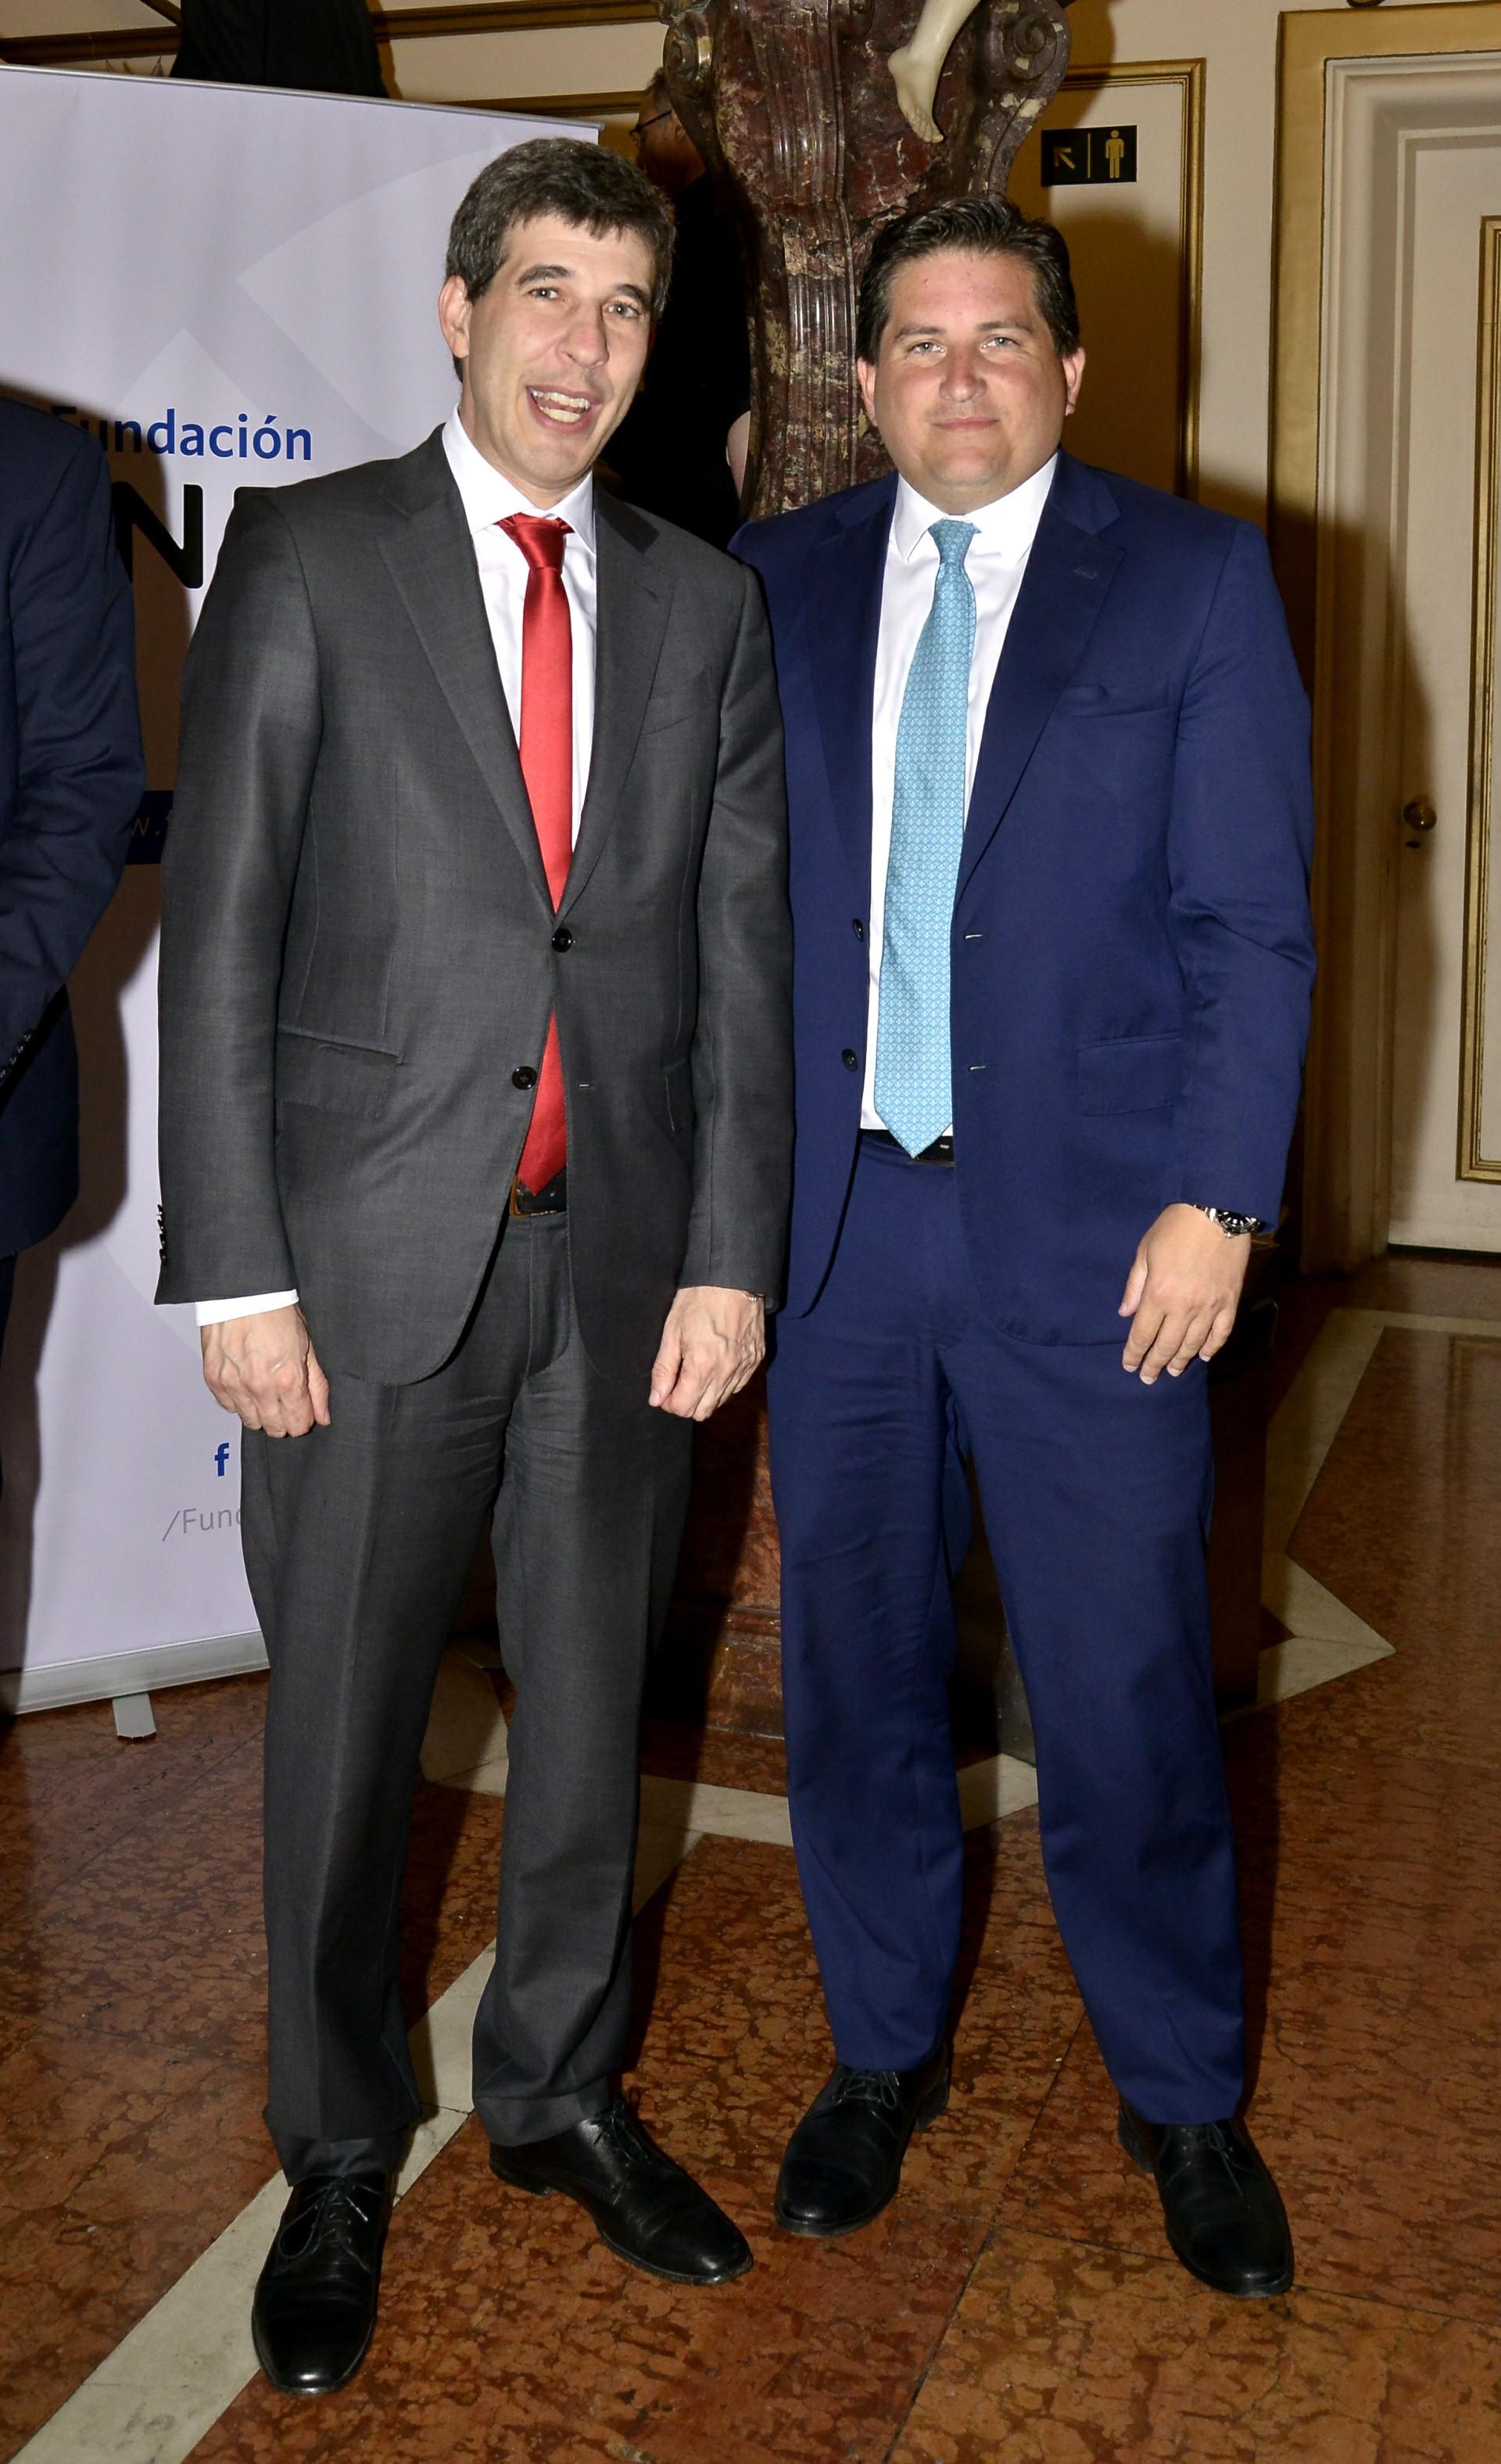 El CEO del Grupo Sancor Seguros, Alejandro Simón, junto a Gastón Corral, relaciones institucionales del Grupo Sancor Seguros